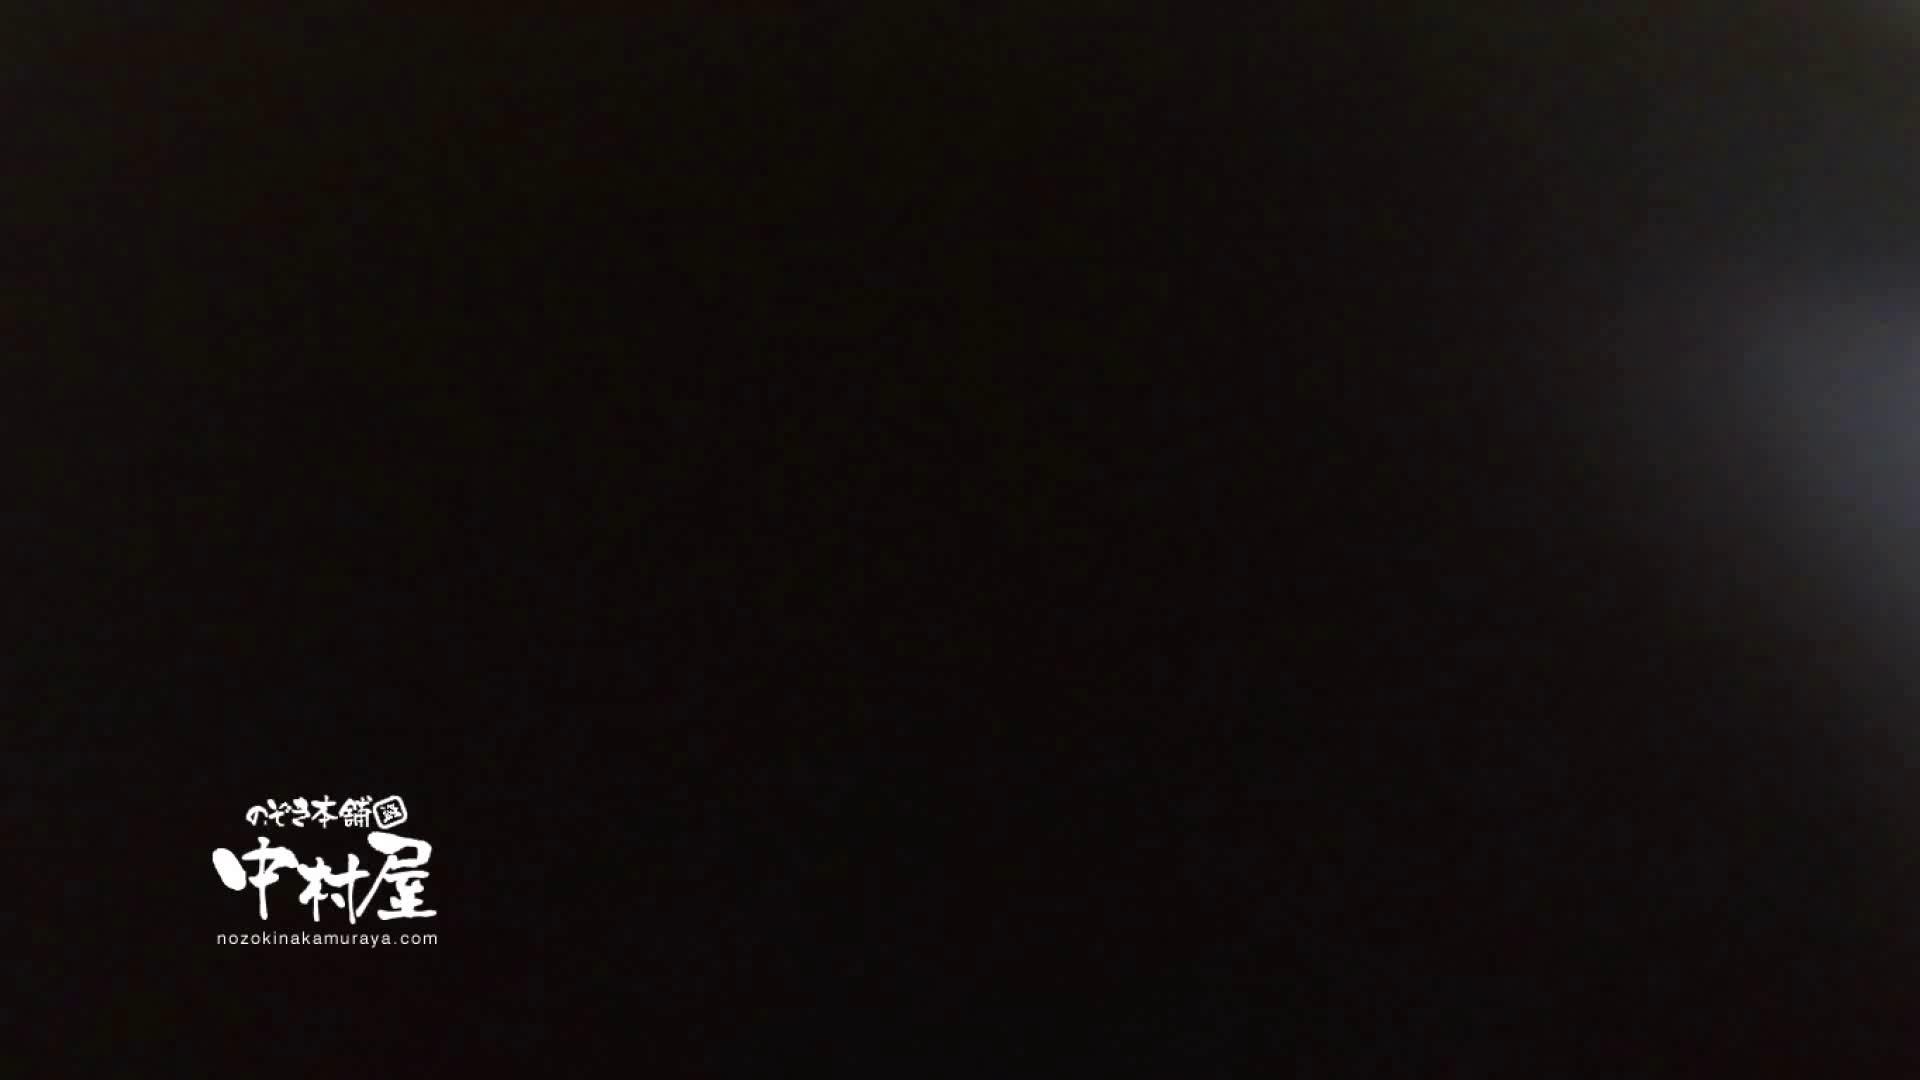 鬼畜 vol.07 パイパンだと?!中出ししてやる! 後編 中出し のぞきおめこ無修正画像 84連発 70